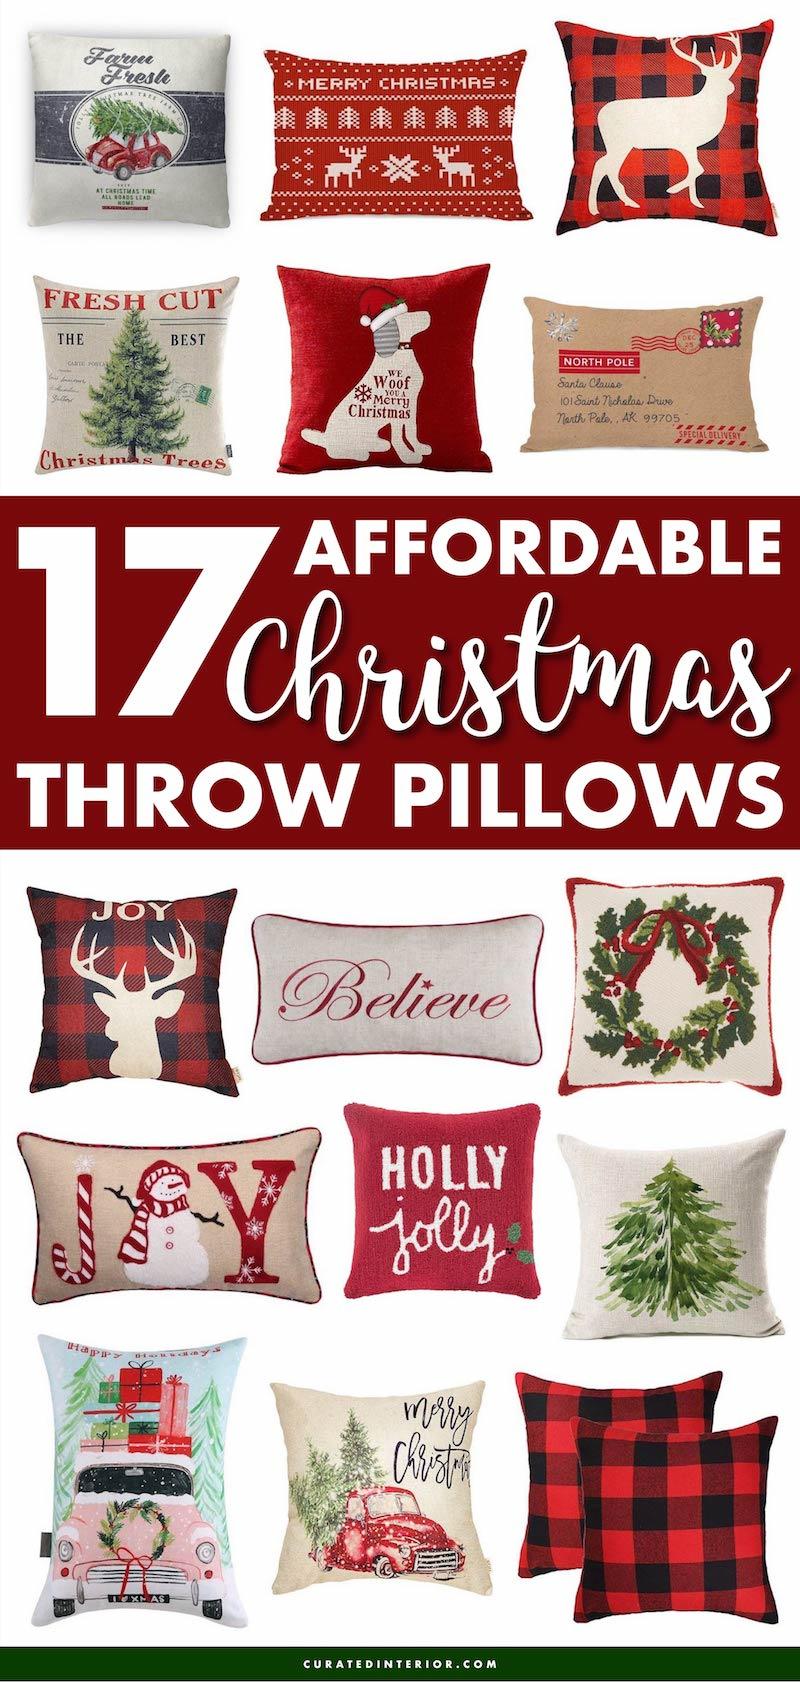 Affordable Christmas Throw Pillows #ChristmasDecor